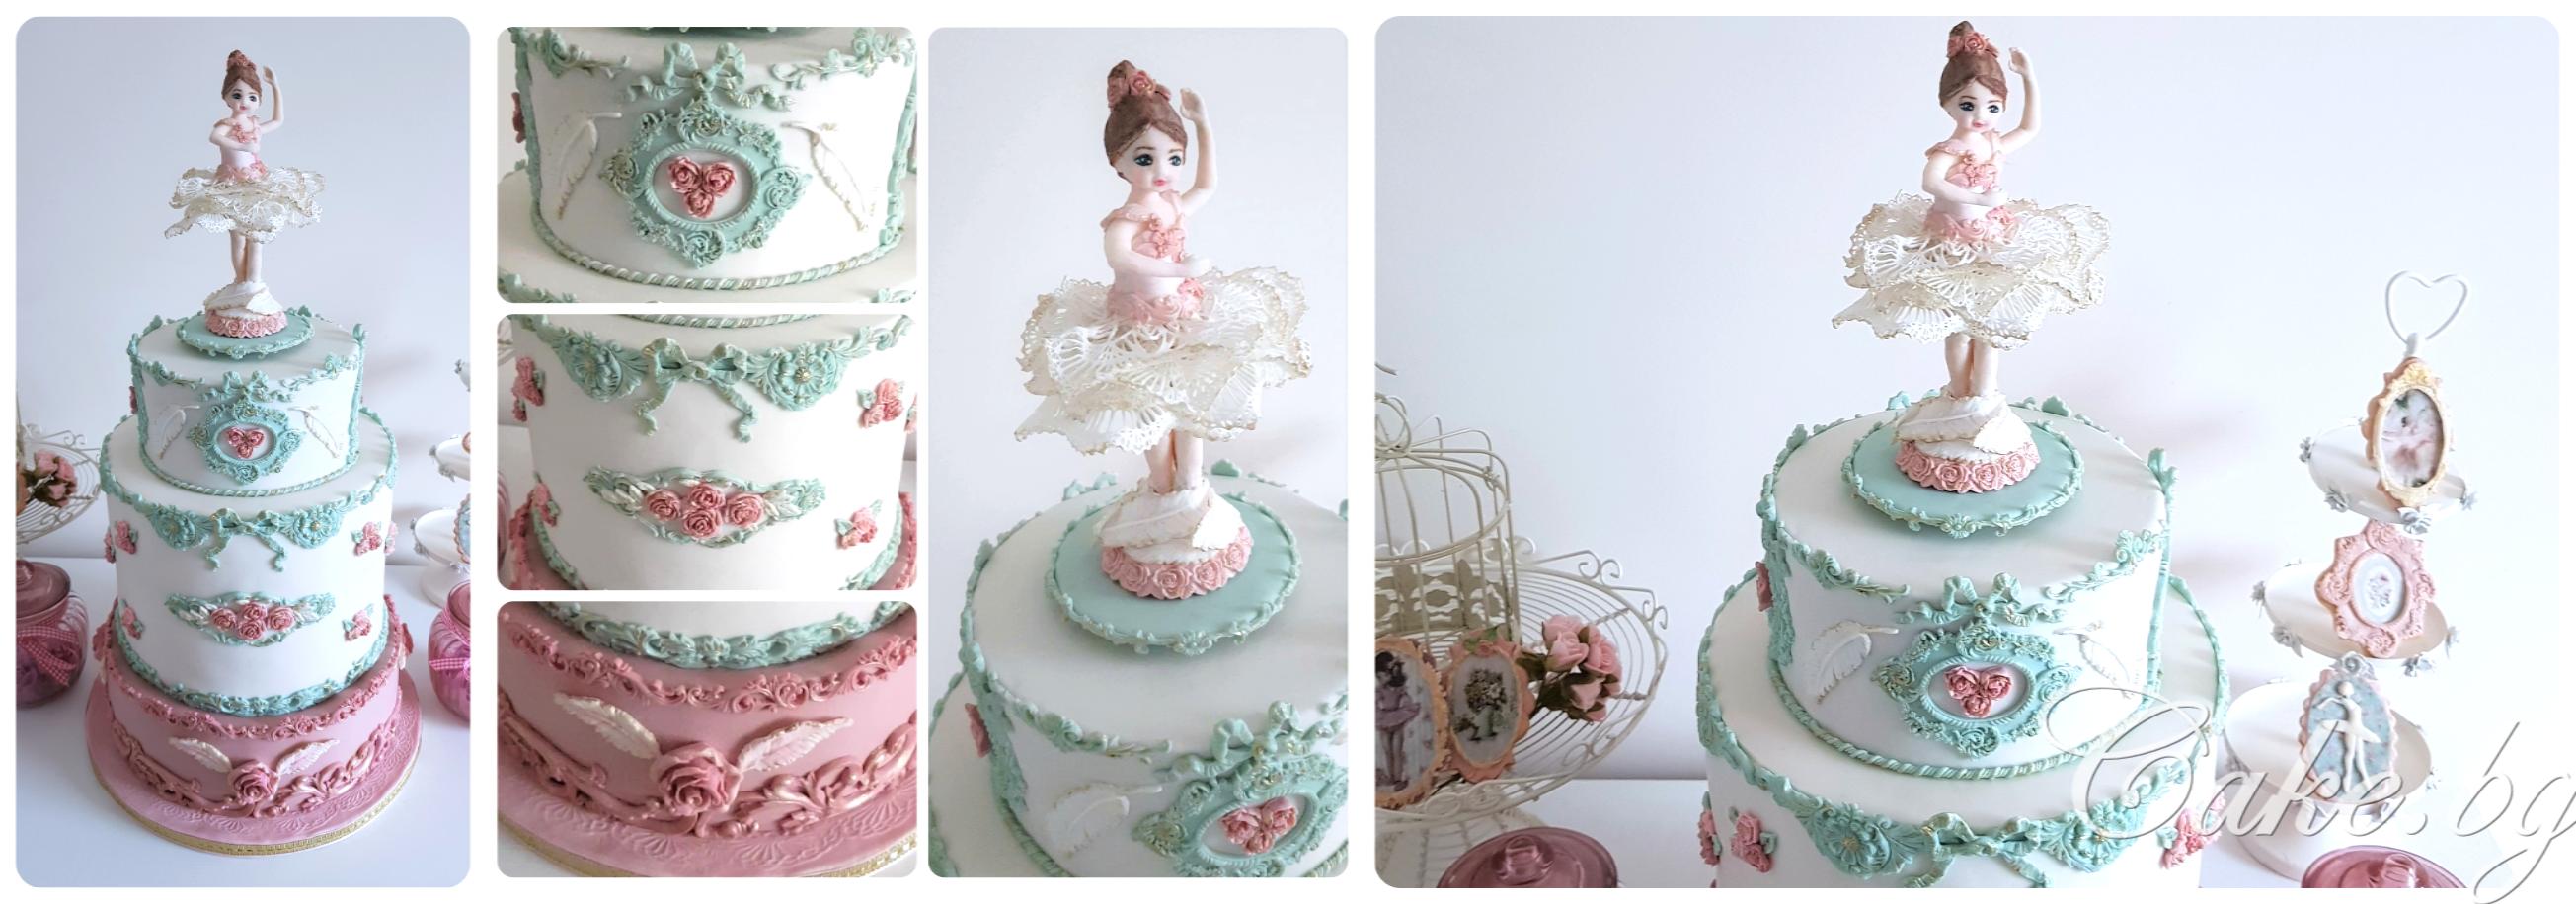 Торта с балерина